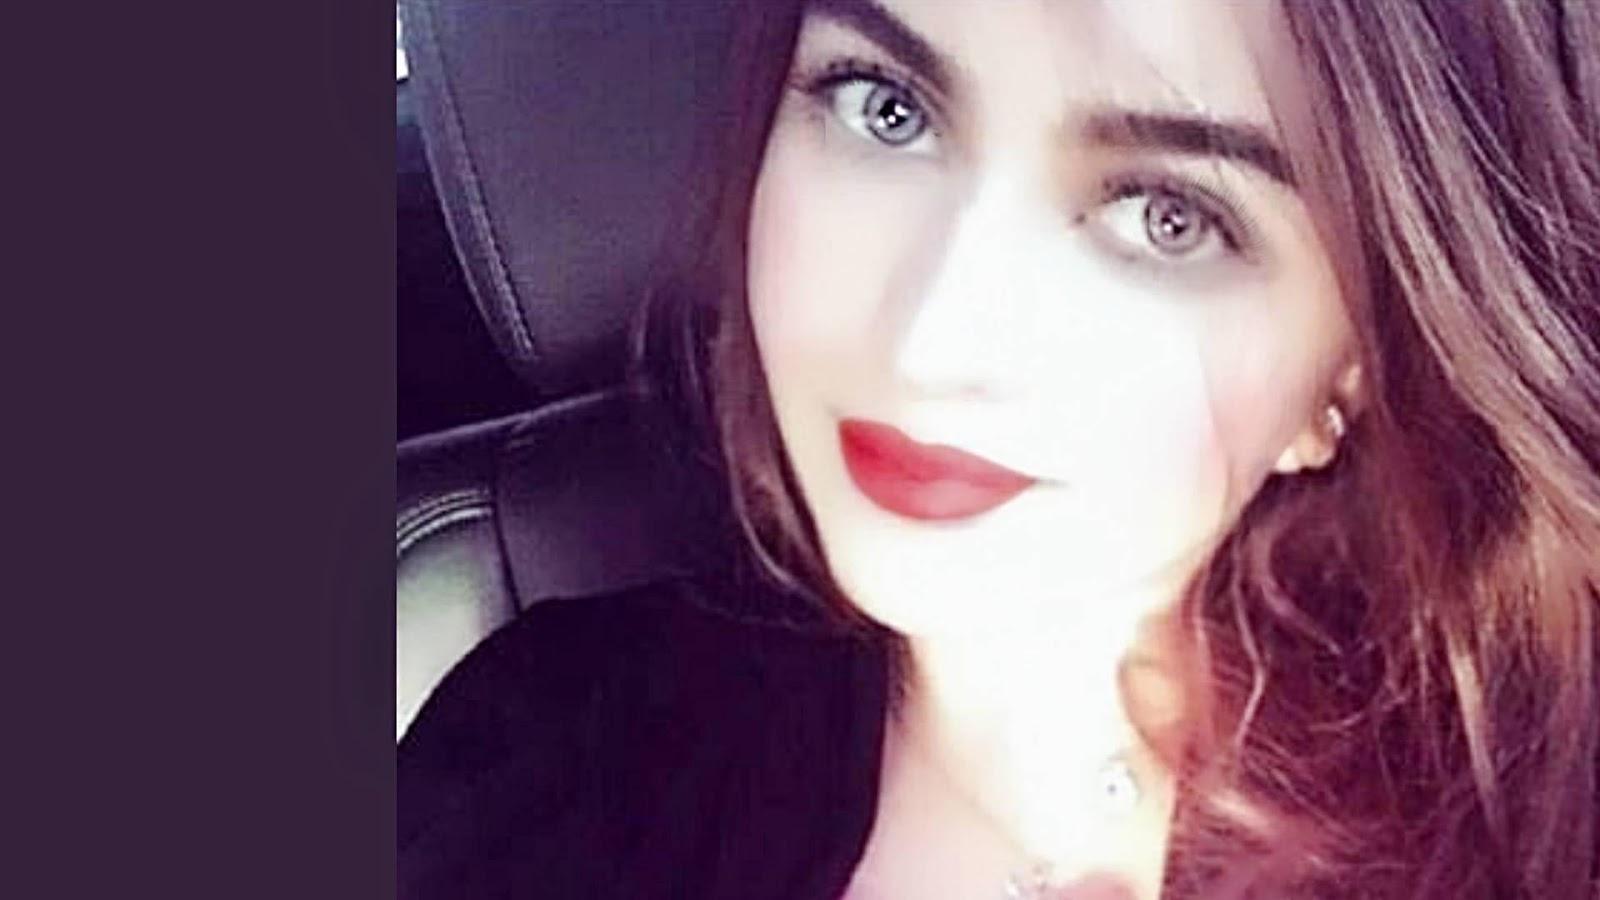 في موقع زواج الأردن وكل وتعارف العرب مجاني المسلمين لكل للصداقة